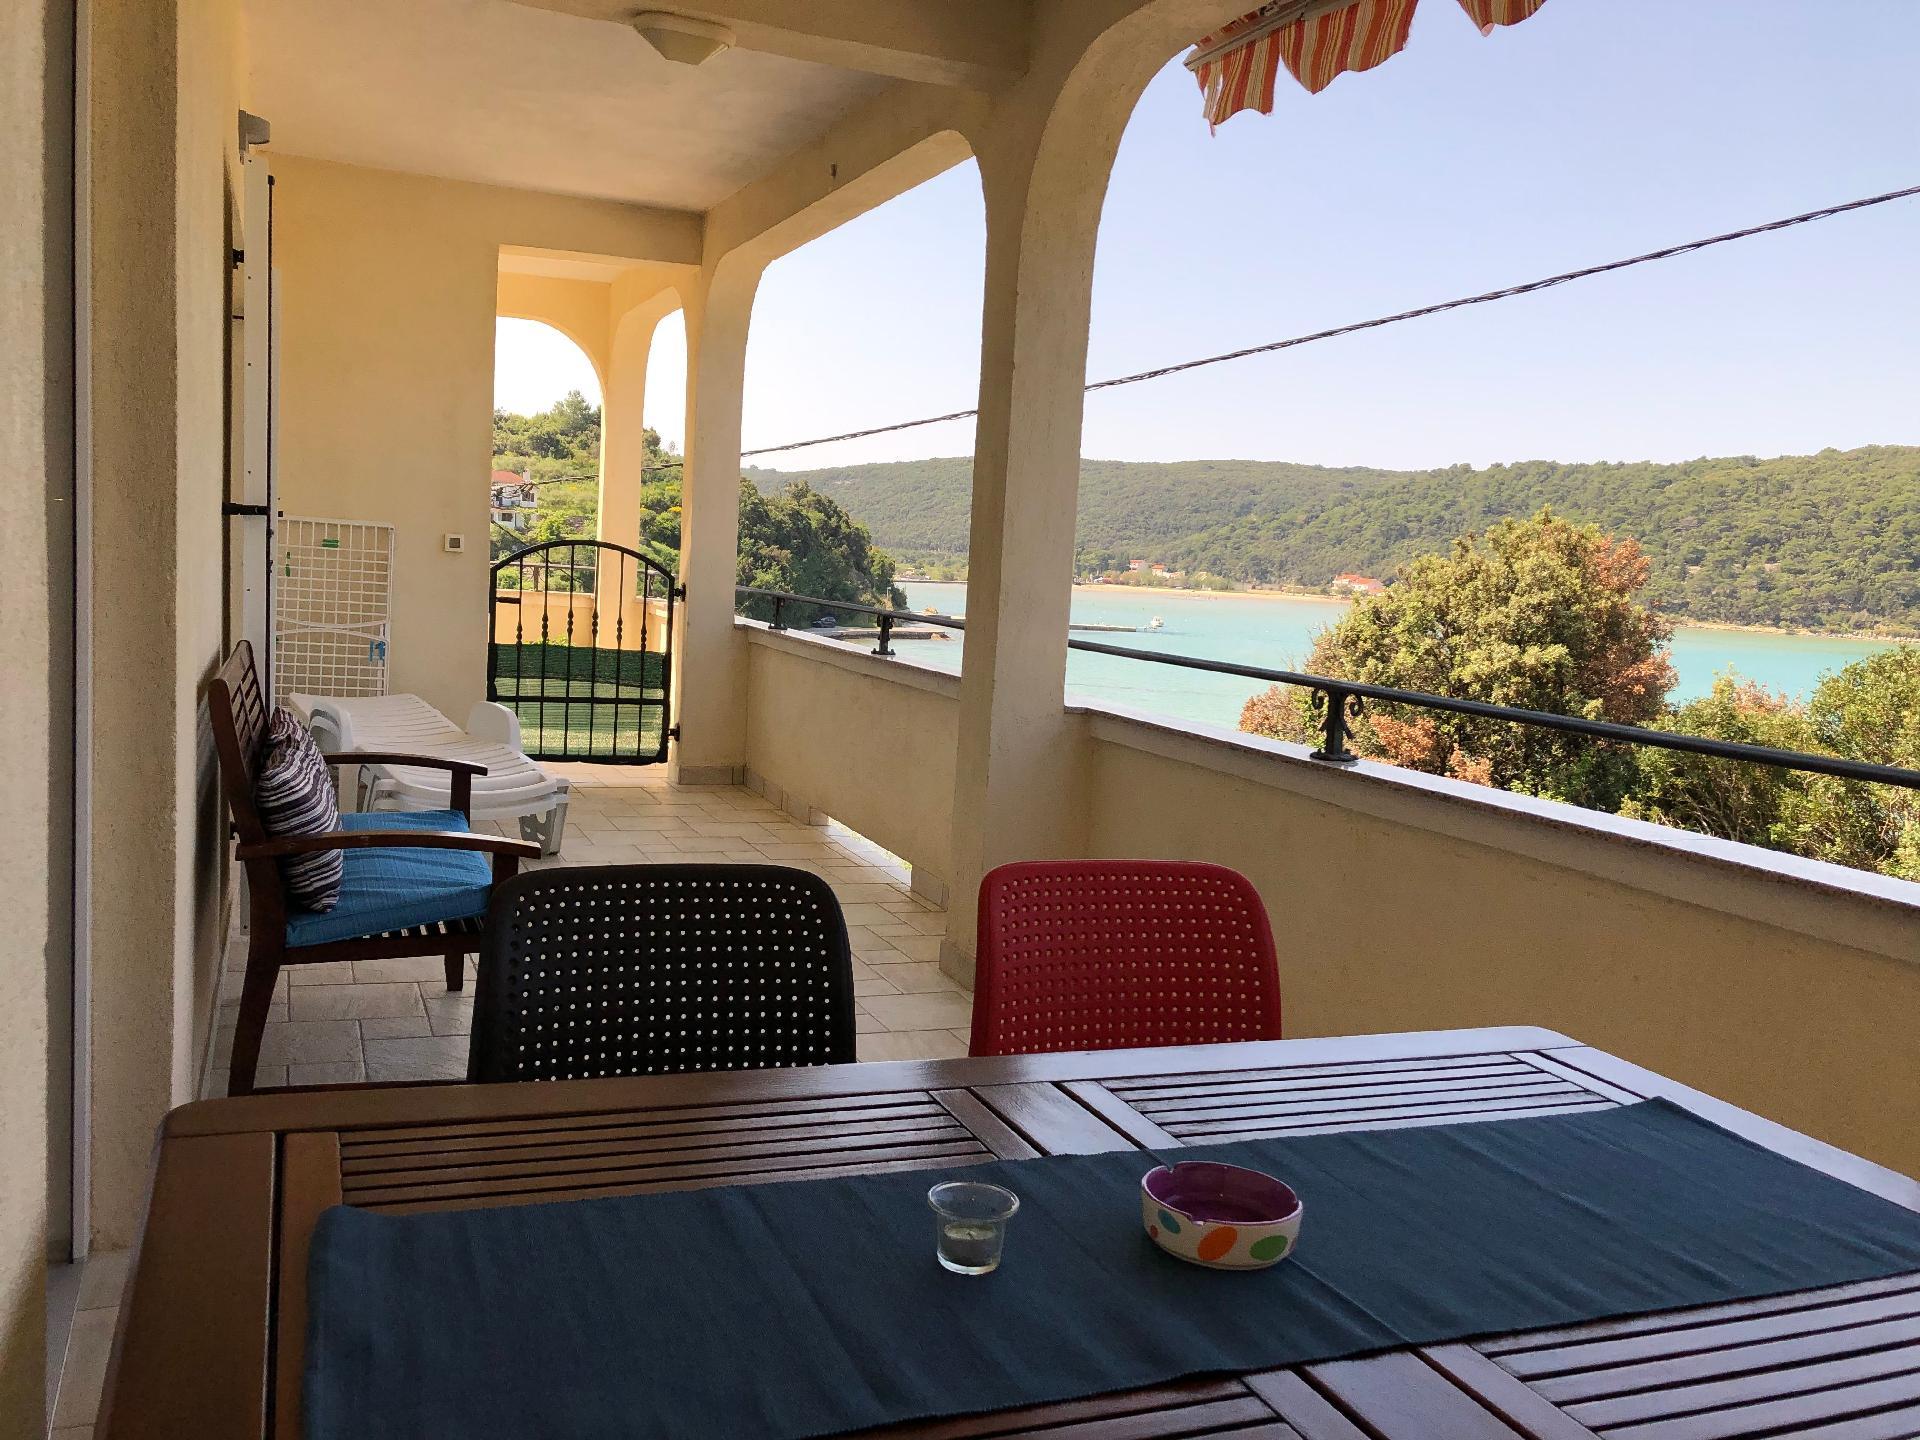 Ferienwohnung für 4 Personen ca. 80 m² i   Insel Rab